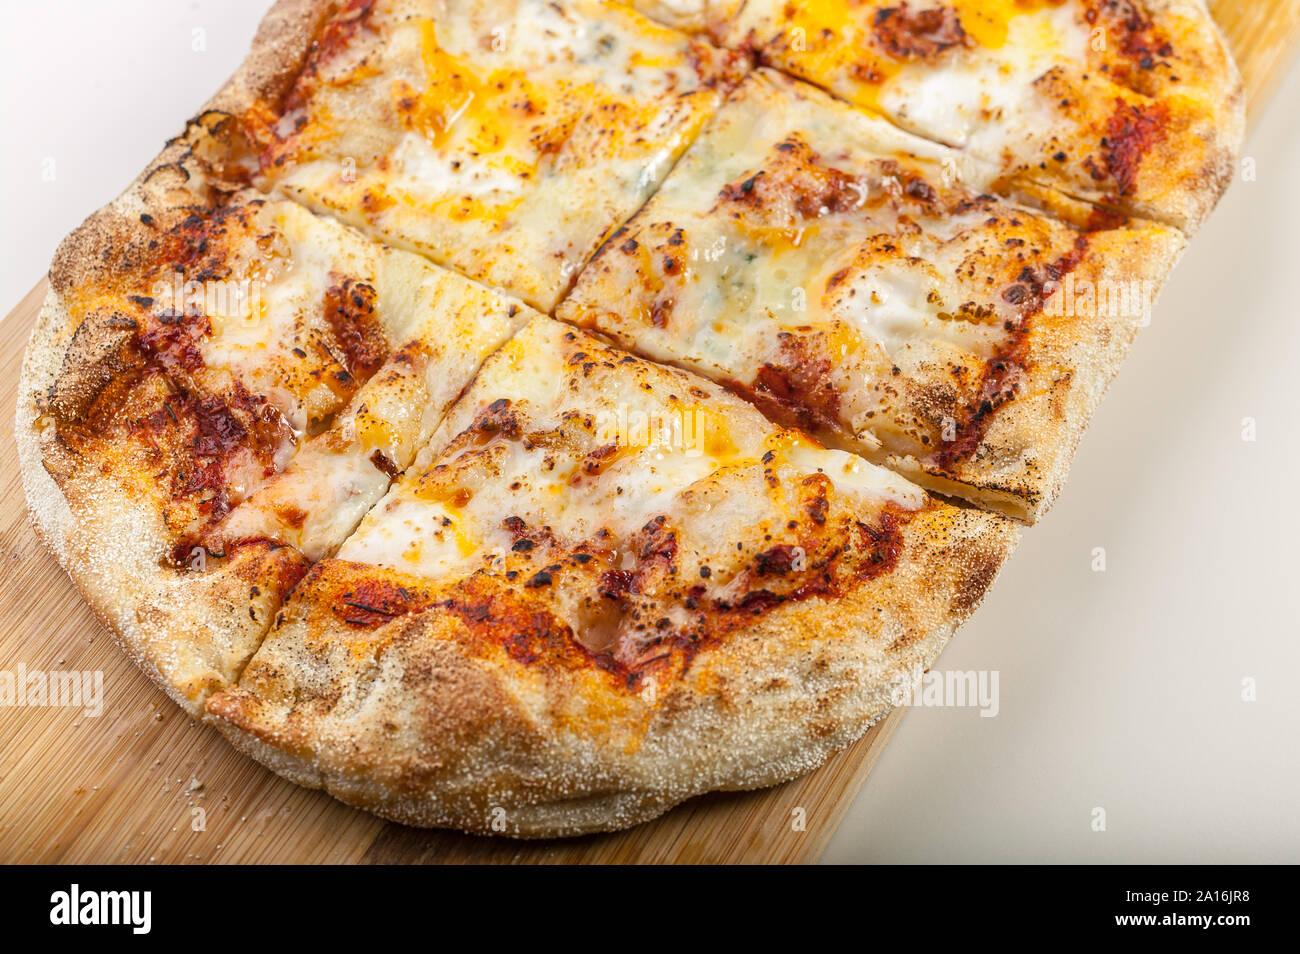 Pizza Quattro formaggi Gros plan sur une planche à découper Banque D'Images